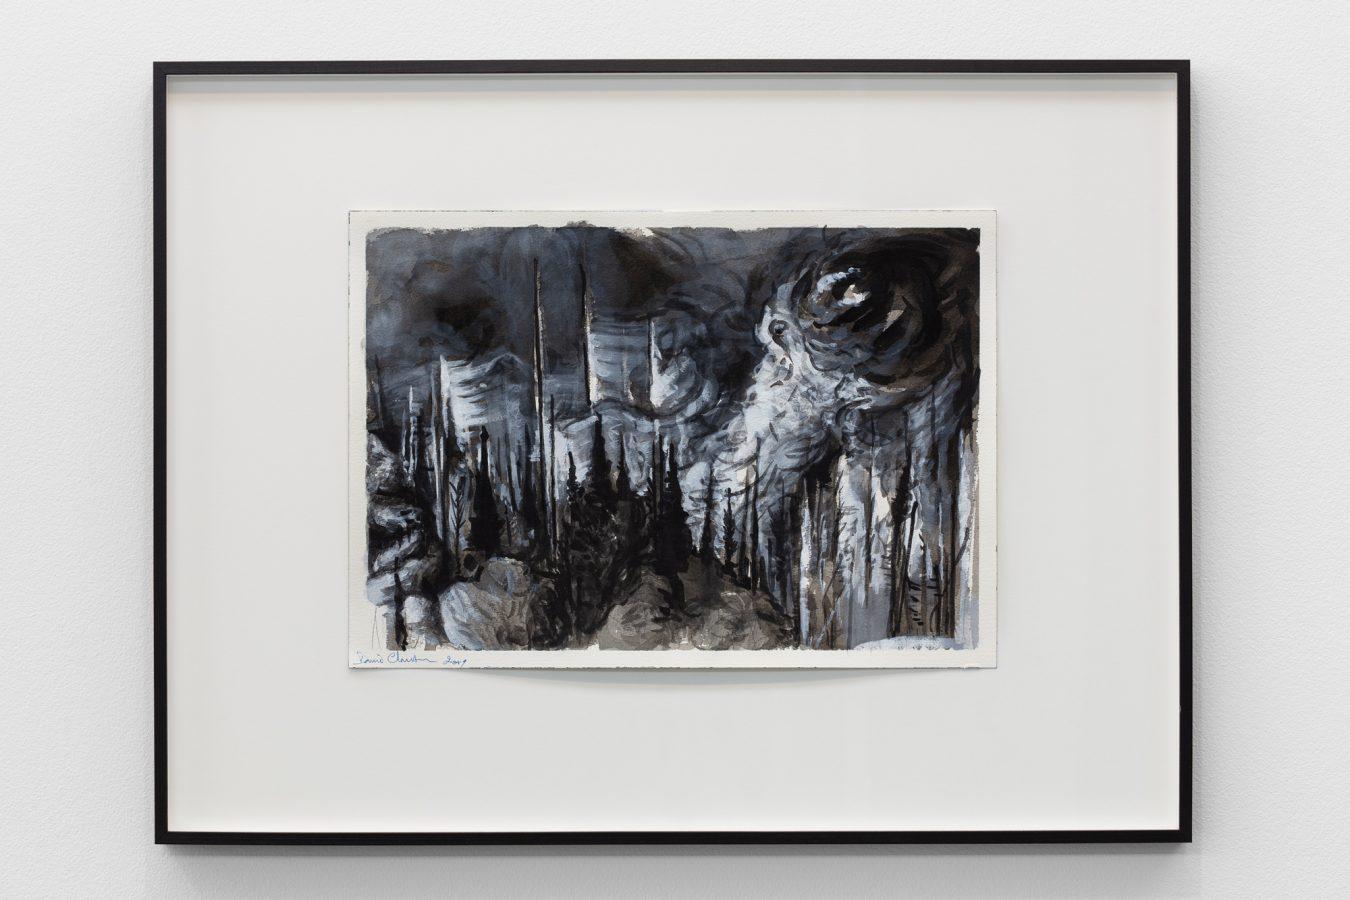 Galeria Pedro Cera – David Claerbout - Wildfire